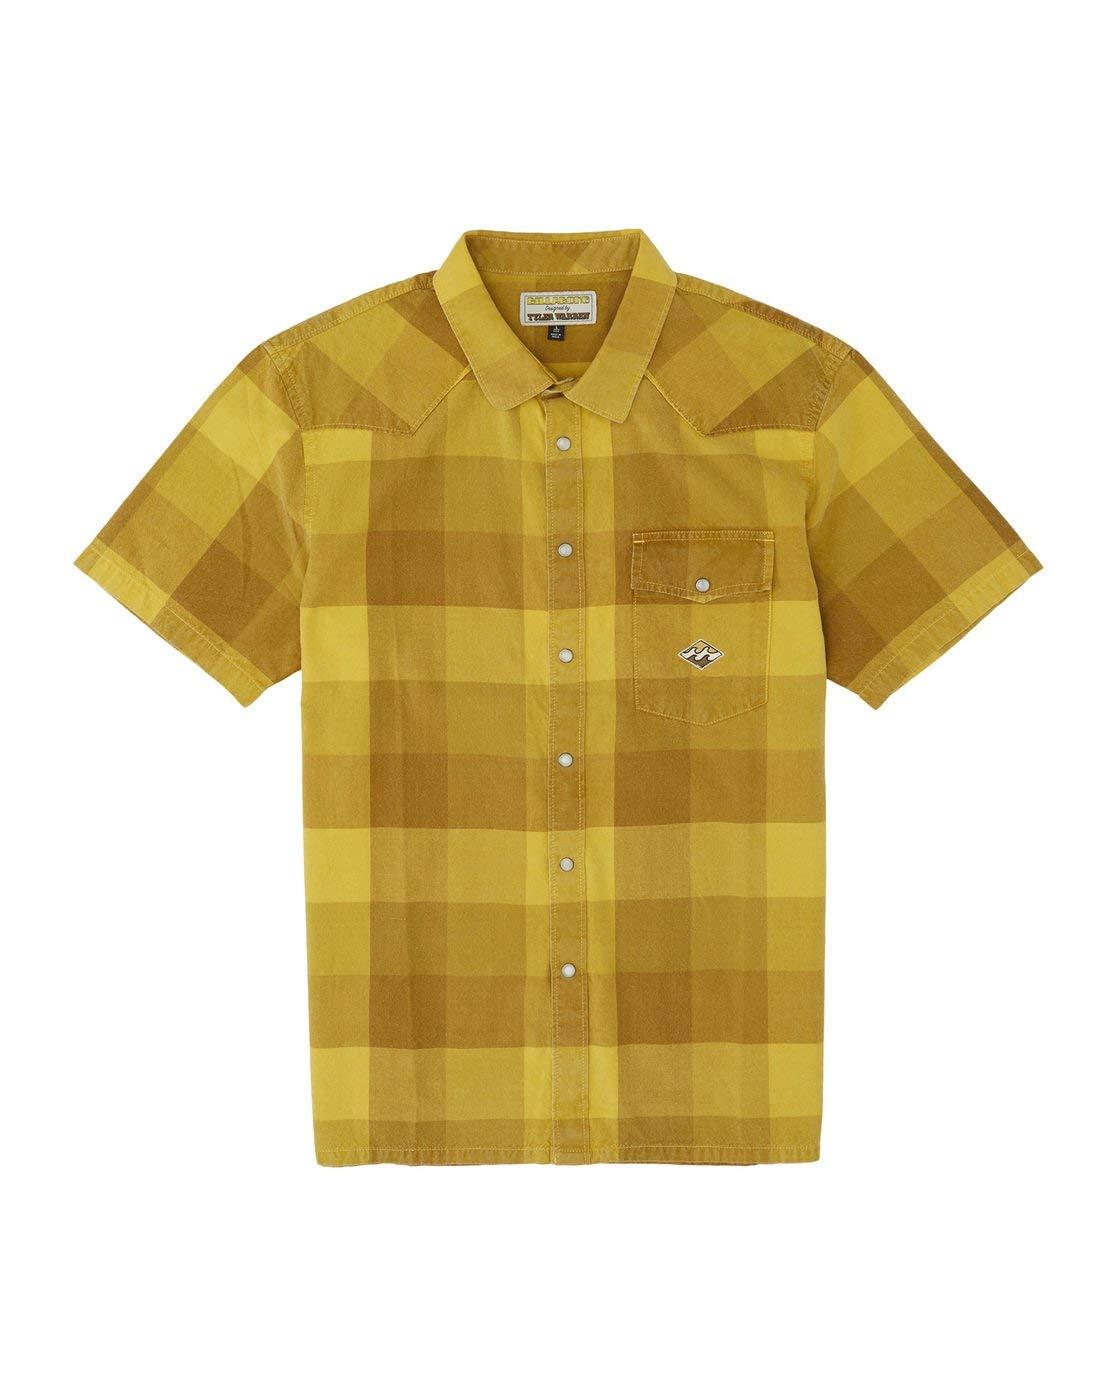 BILLABONG™ - Camisa de Manga Corta - Hombre - S - Amarillo: Amazon.es: Ropa y accesorios